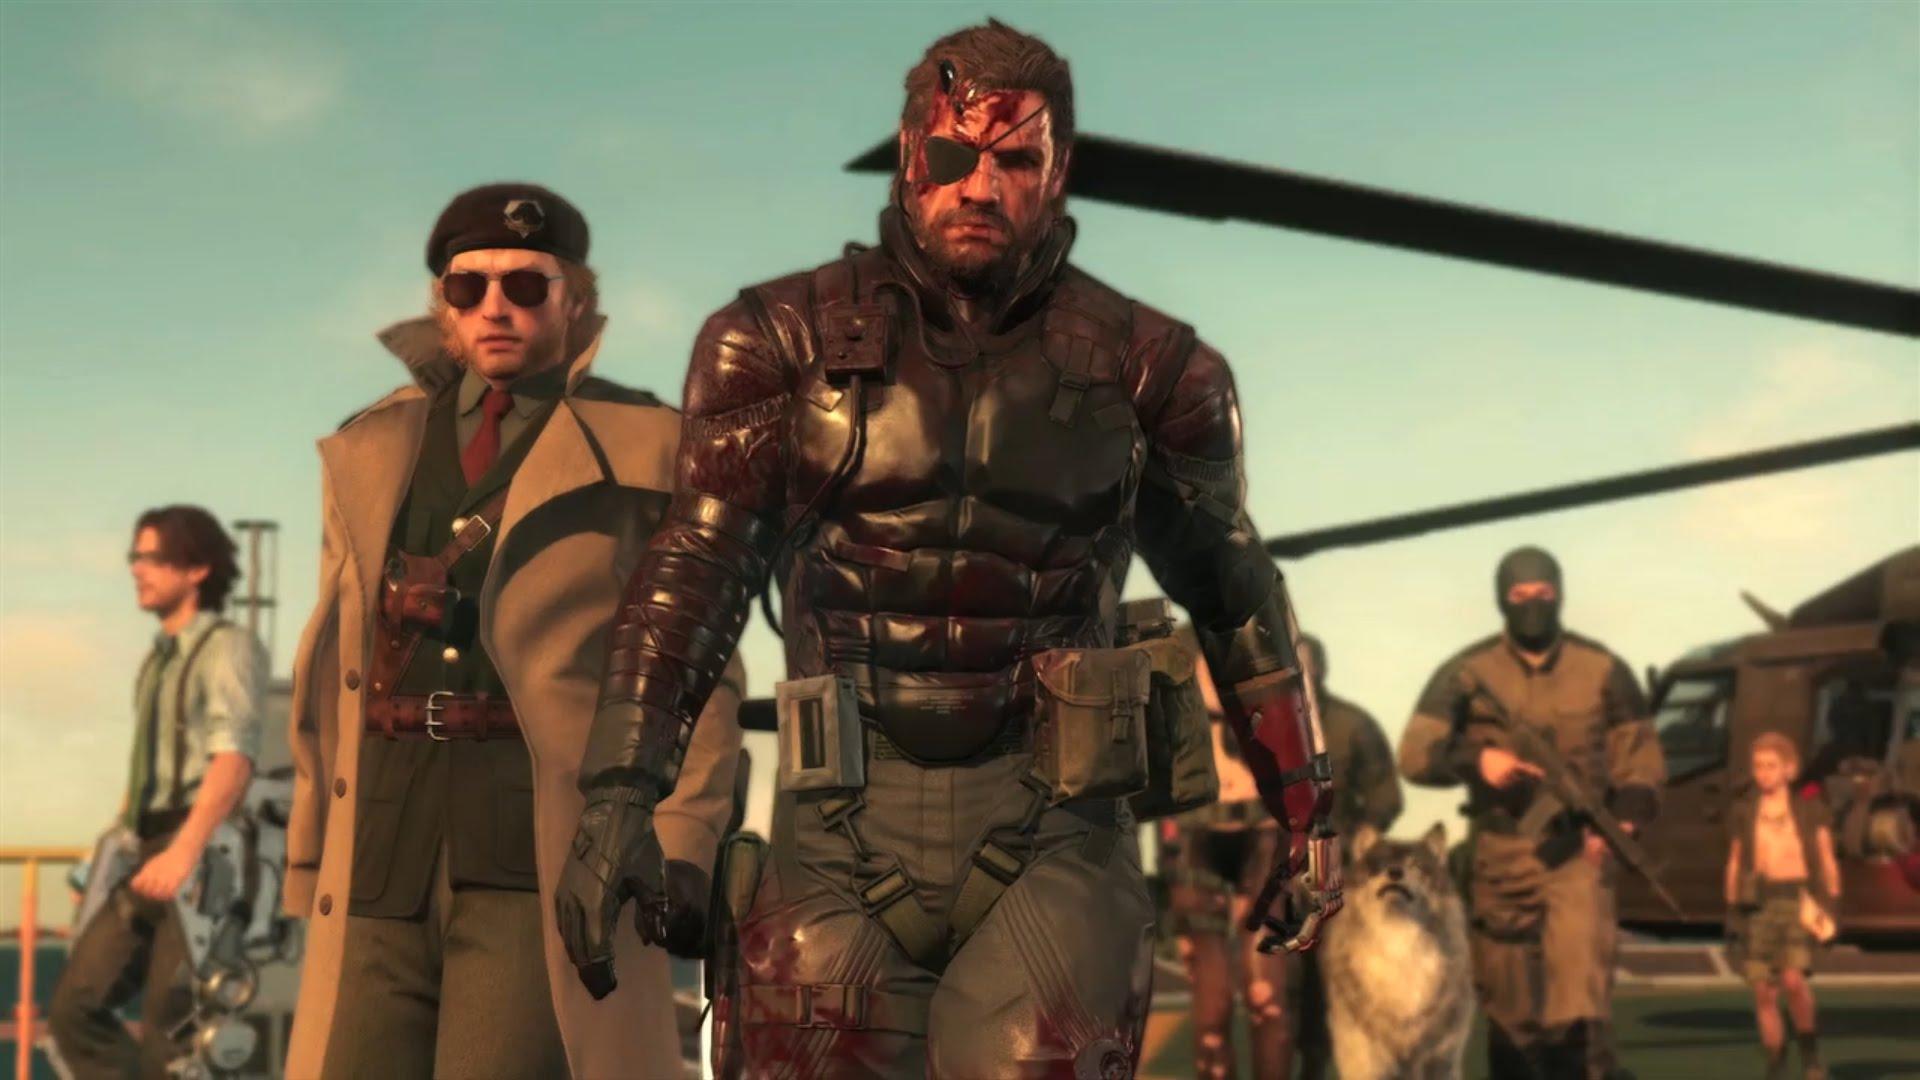 metal-gear-solid-5.jpg - Metal Gear Solid 5: The Phantom Pain